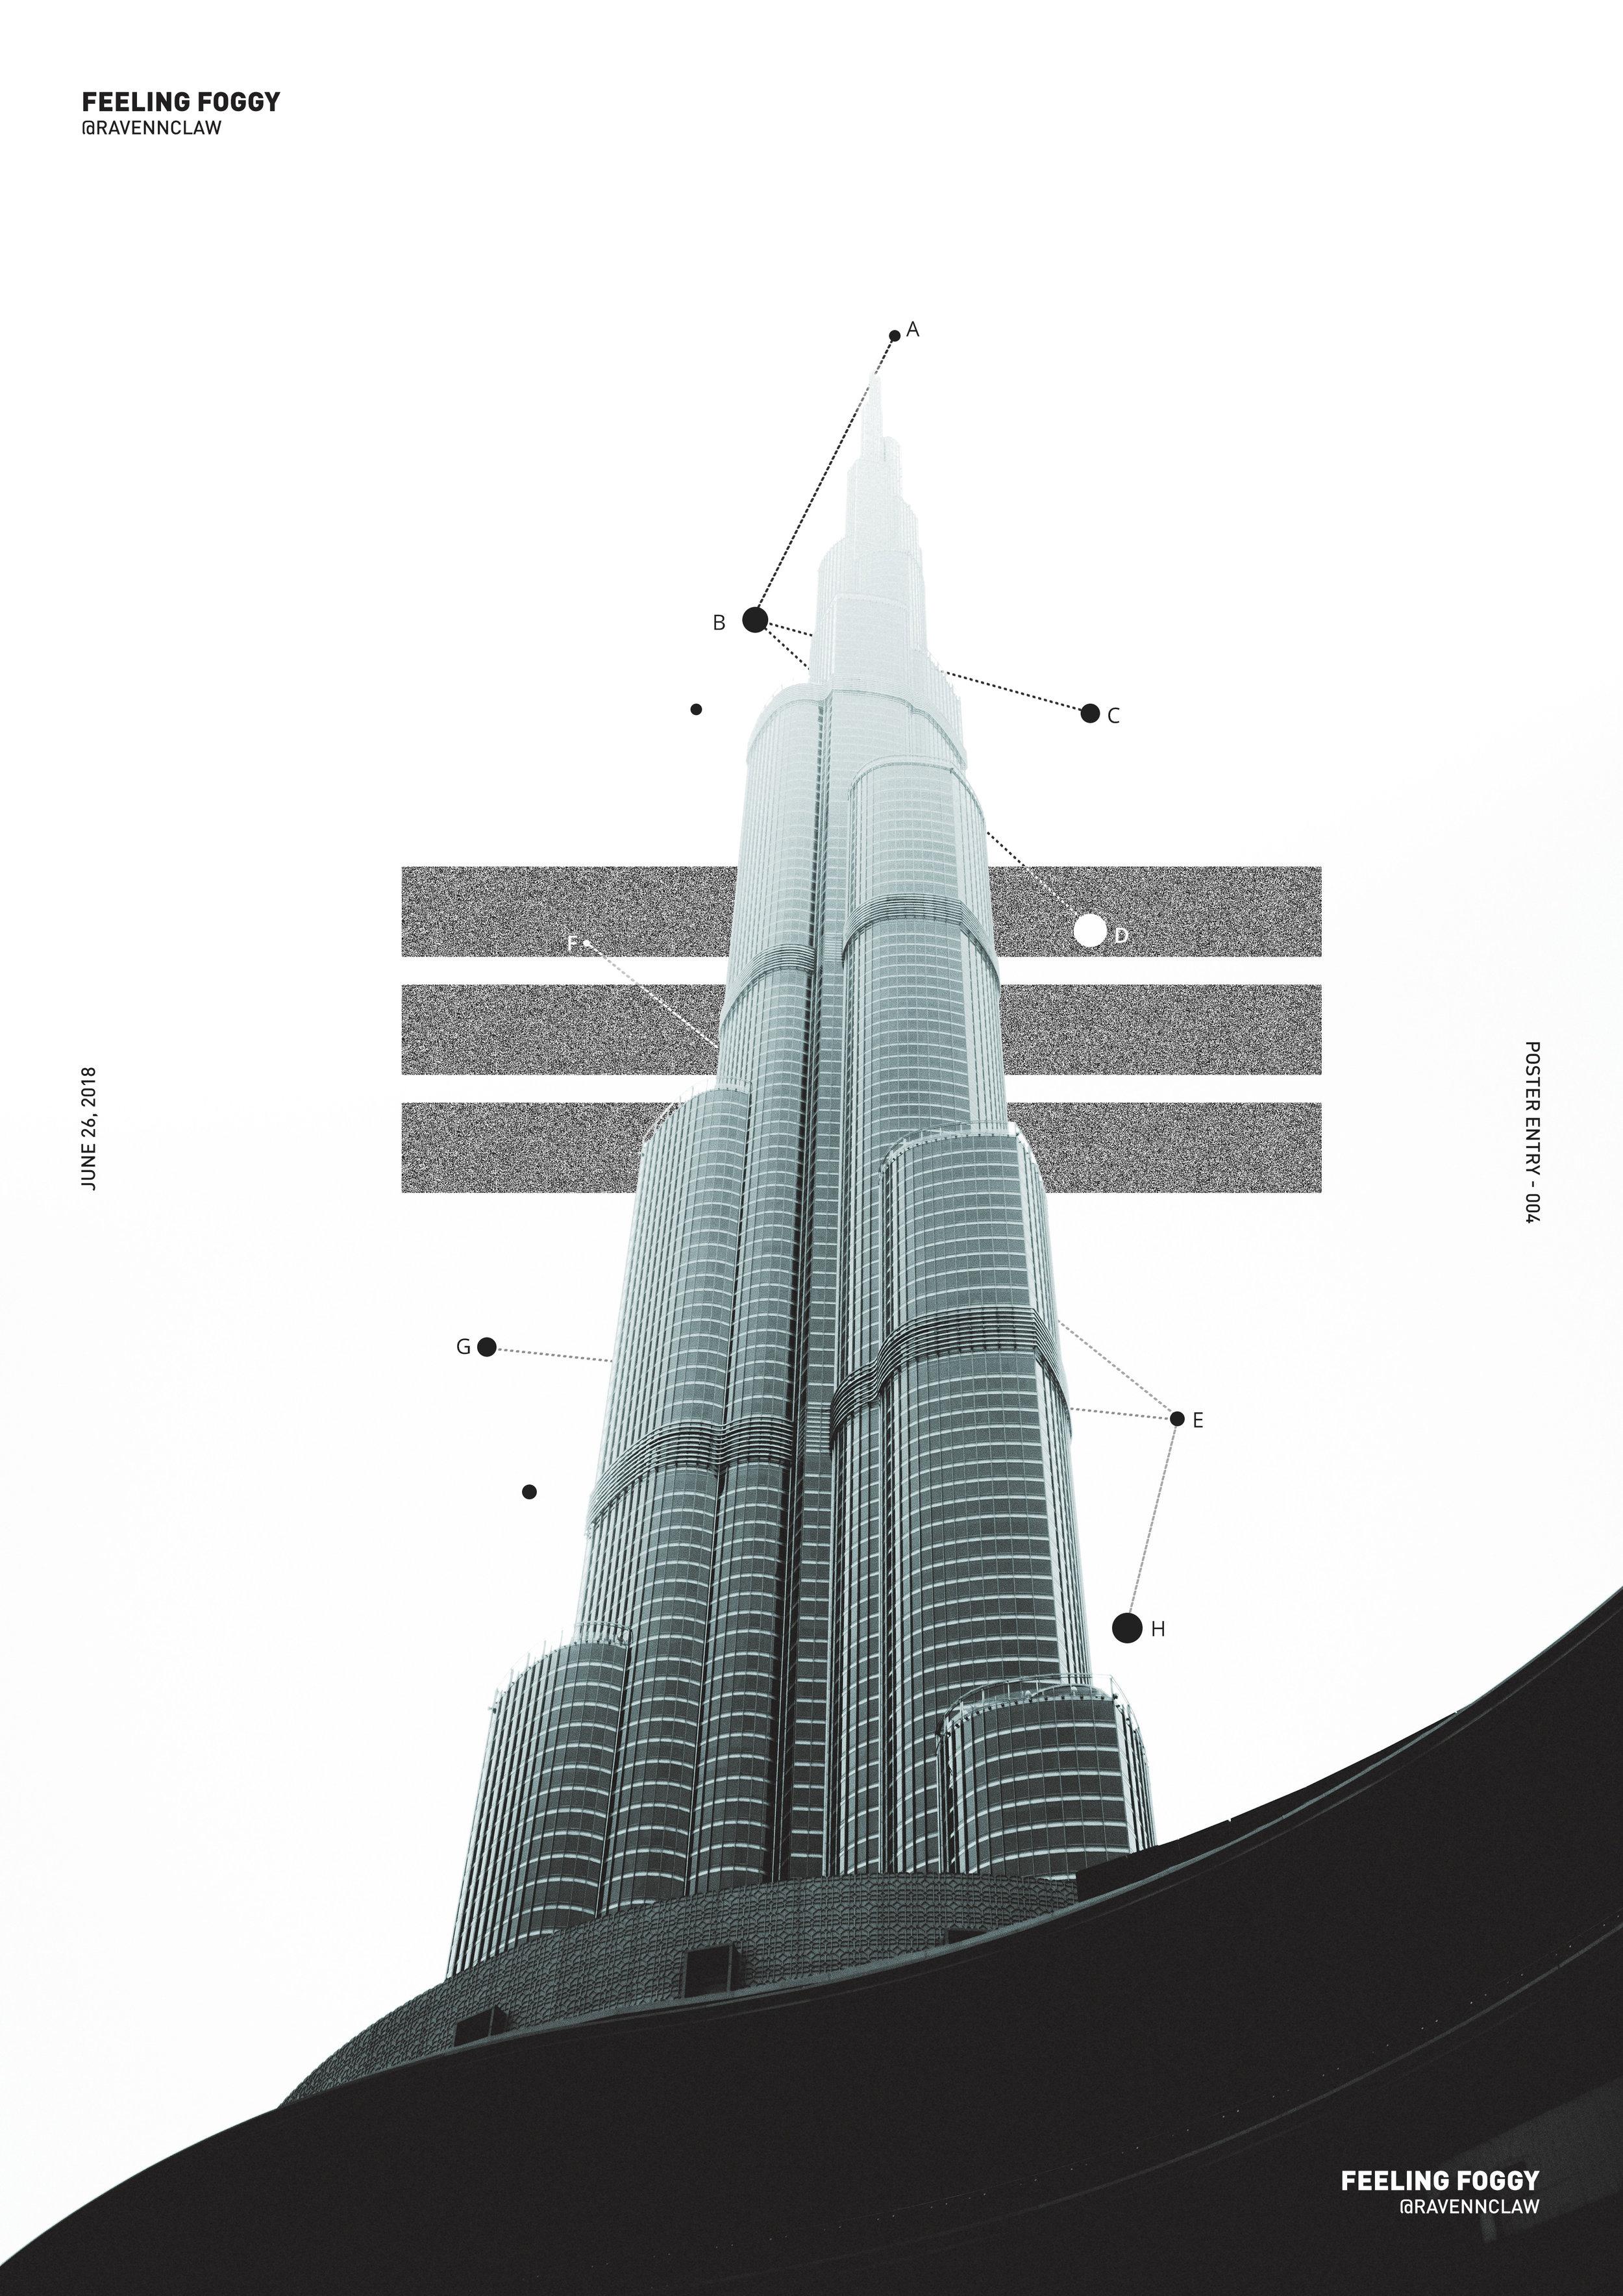 Poster-004-Feeling-Foggy-1.jpg